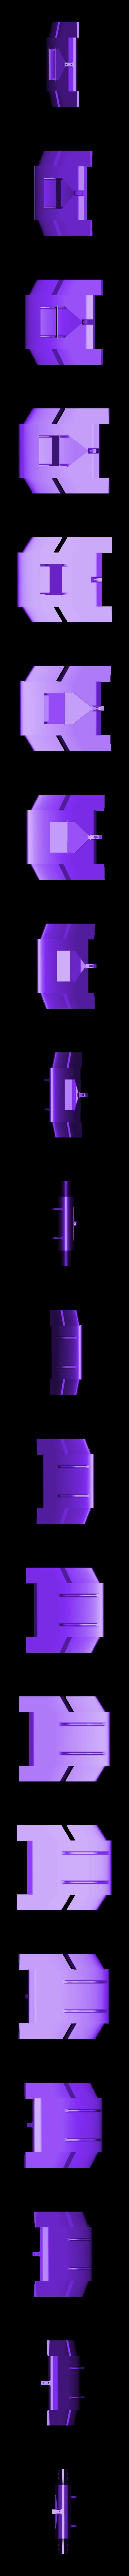 DD3_center_stl.STL Télécharger fichier STL gratuit DD3 wing • Modèle pour impression 3D, Piva